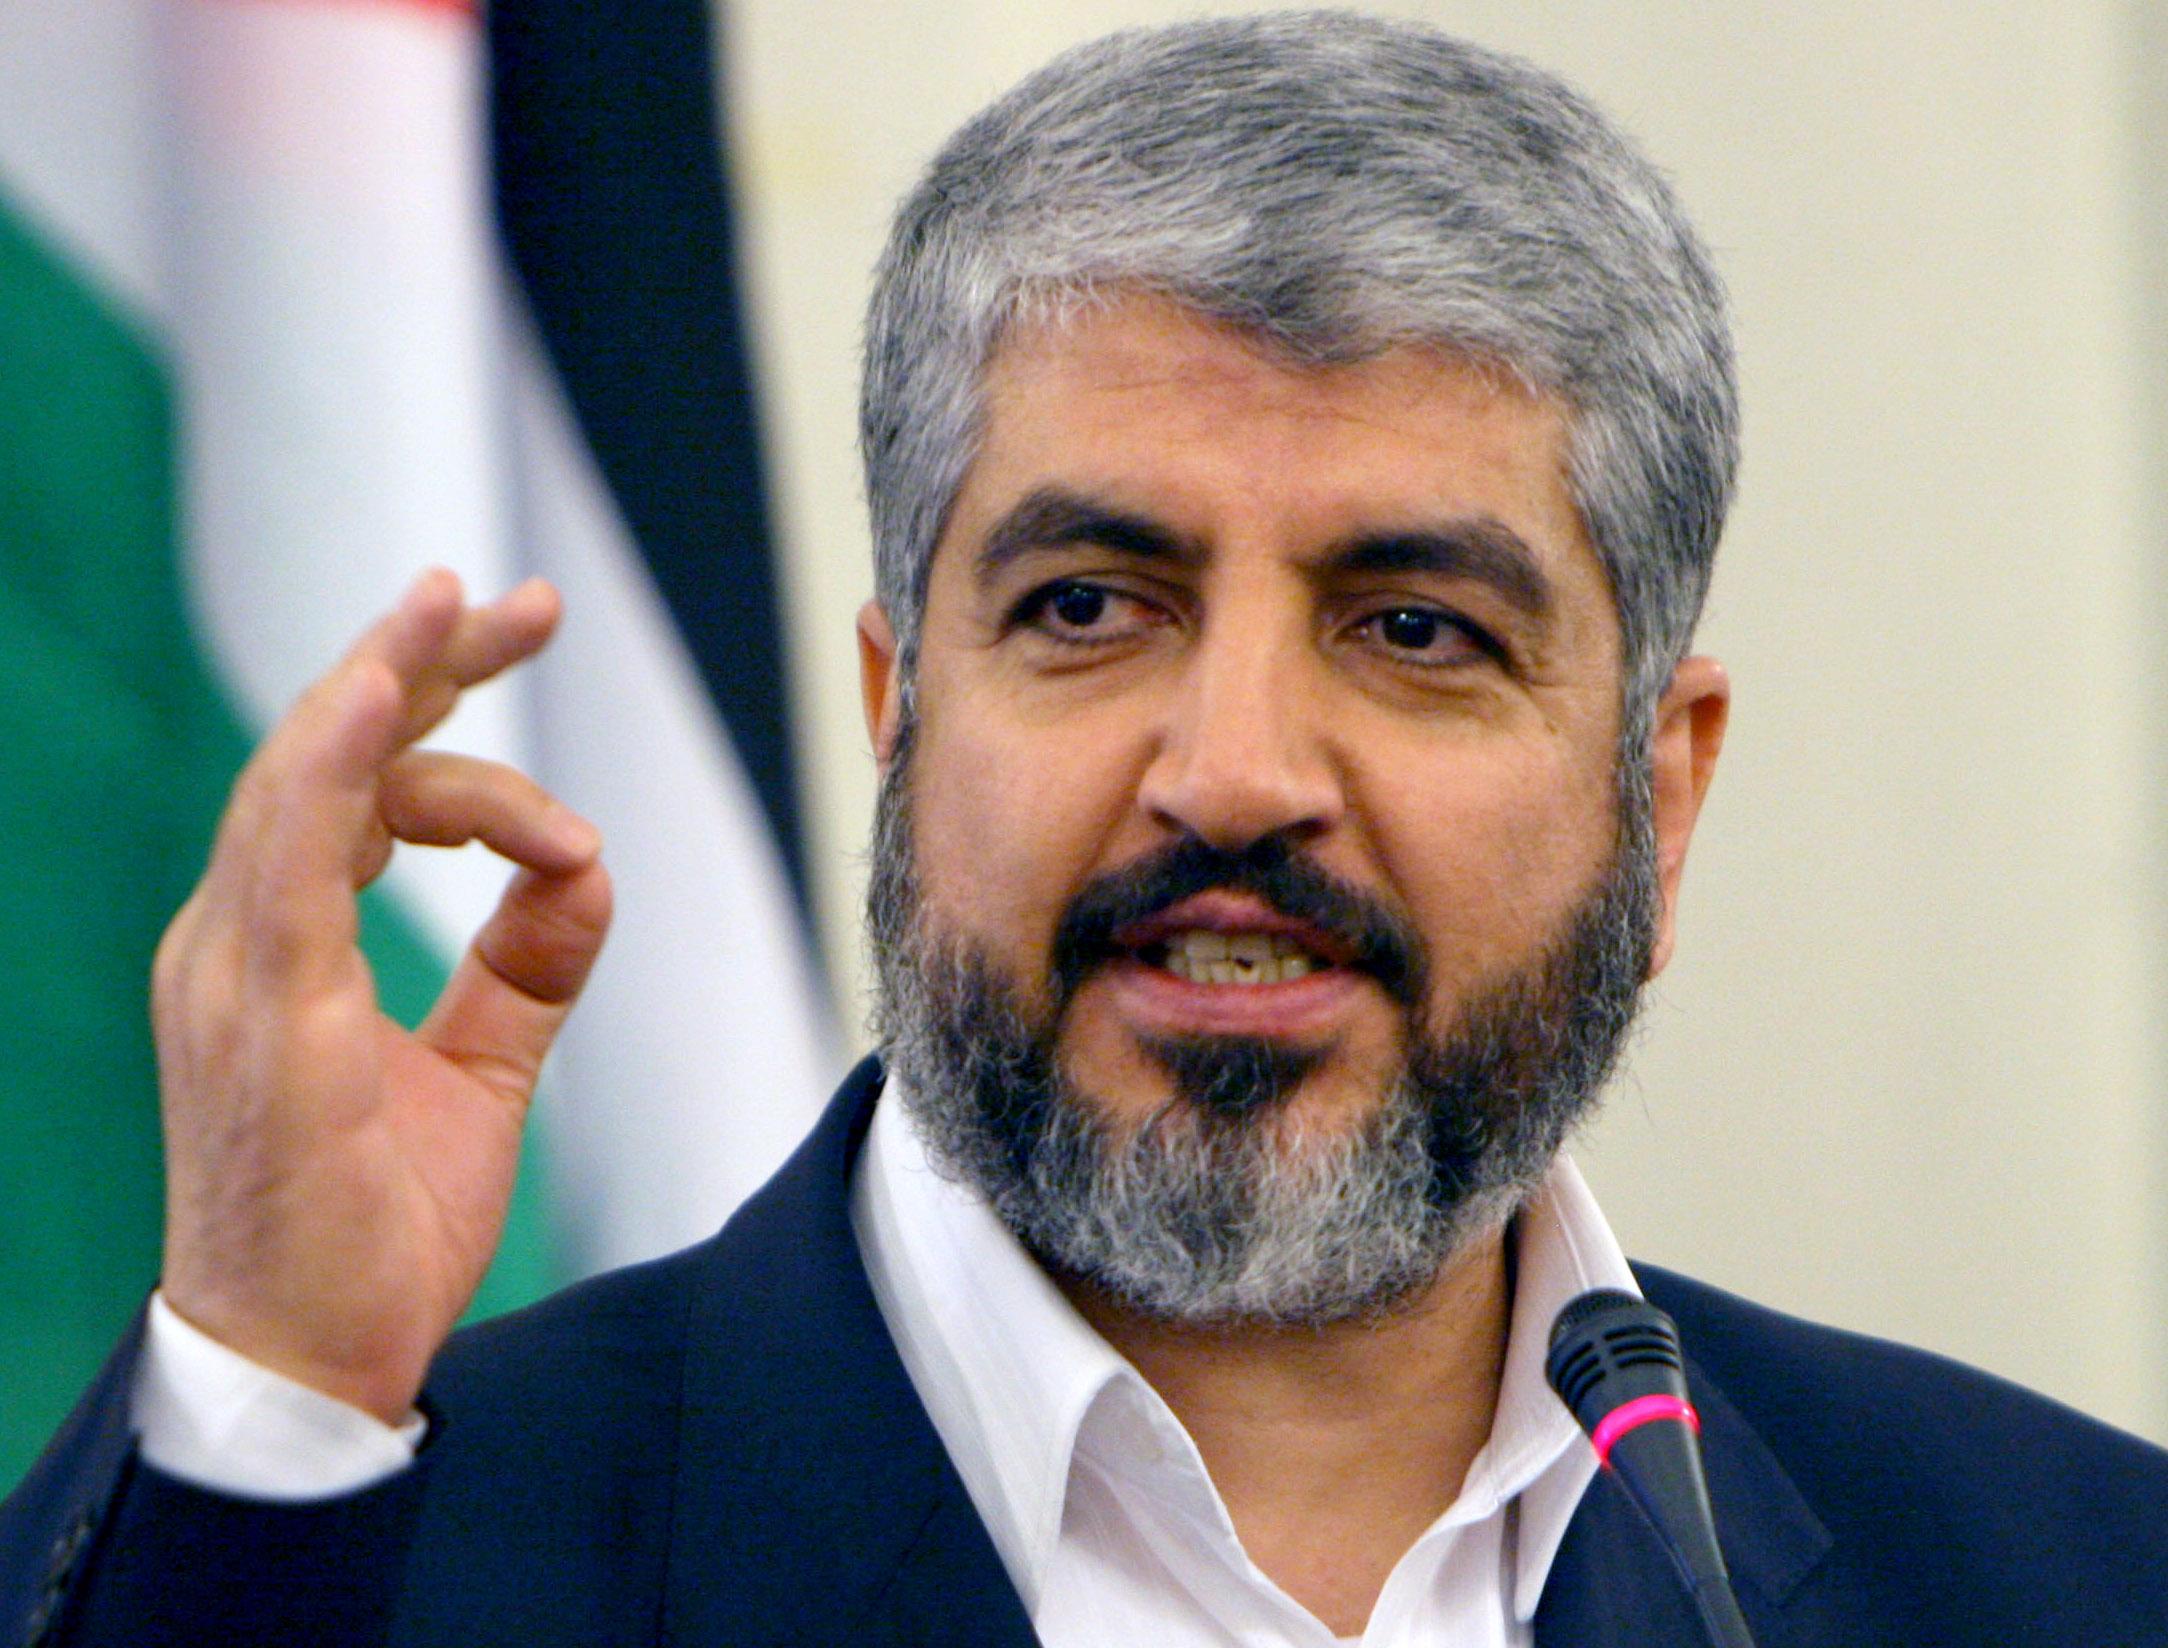 مشعل: سنجبر إسرائيل على الإفراج عن المعتقلين الفلسطينيين داخل سجونها